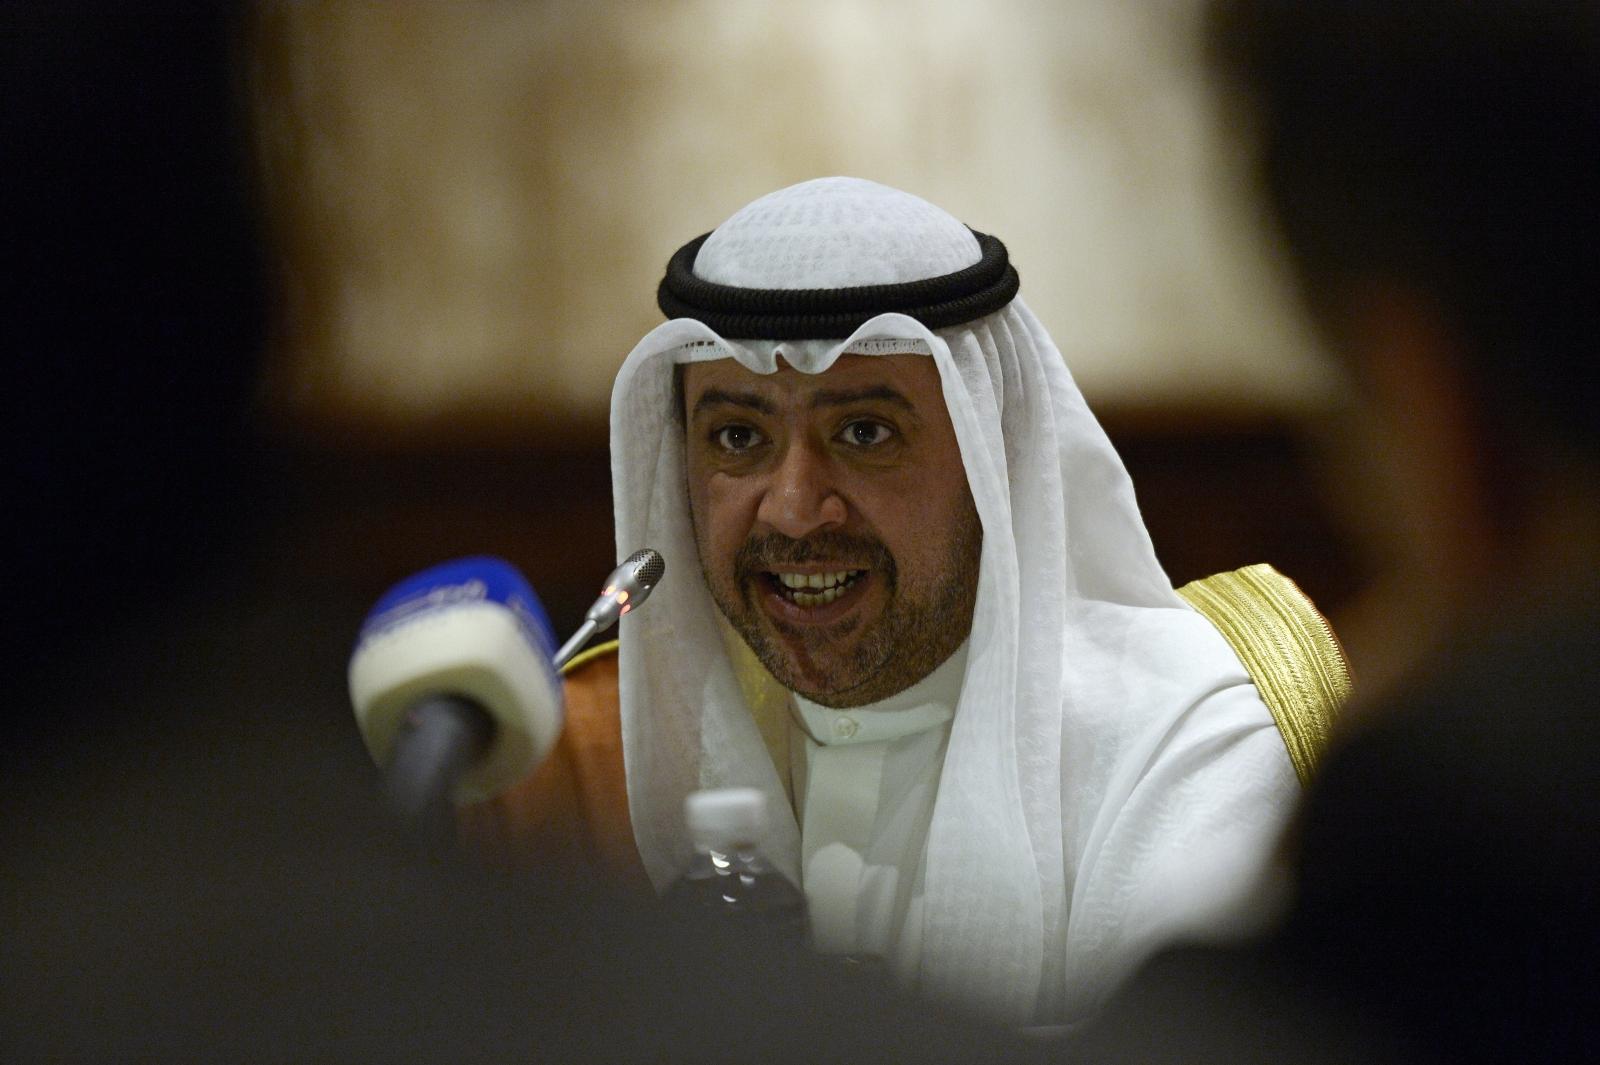 Sheik Ahmad Al Fahad Al Sabah